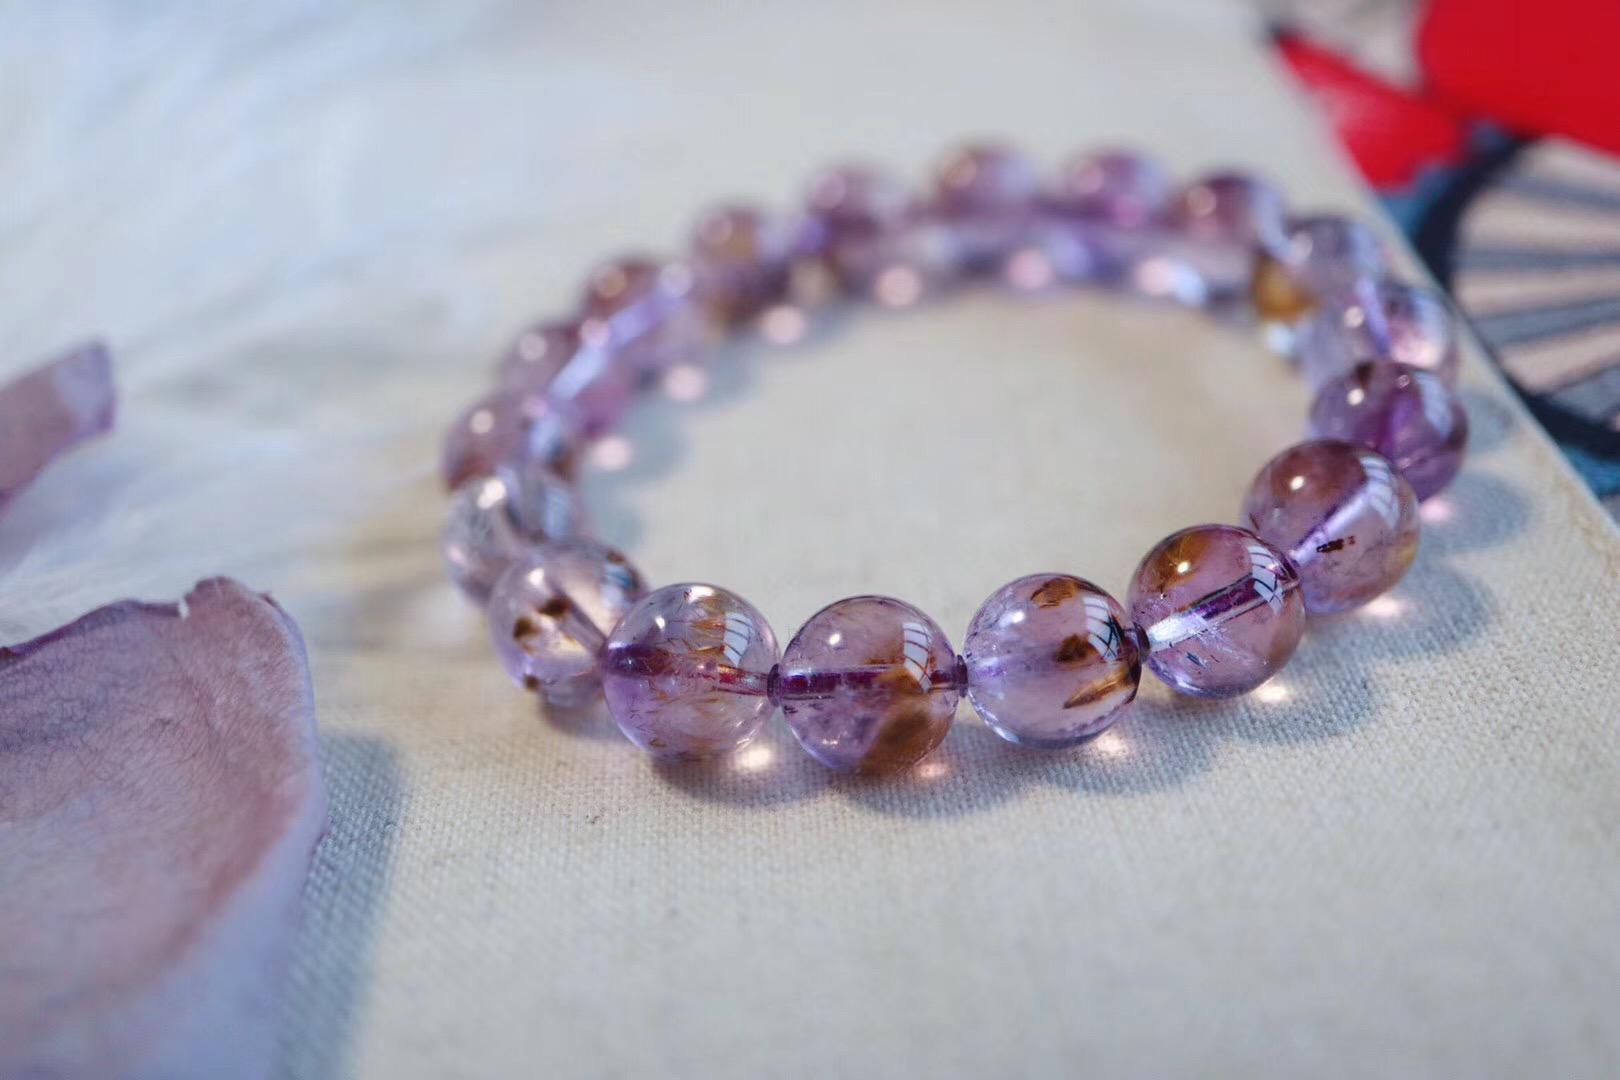 【紫钛晶】紫水晶是最受欢迎风水石-菩心晶舍